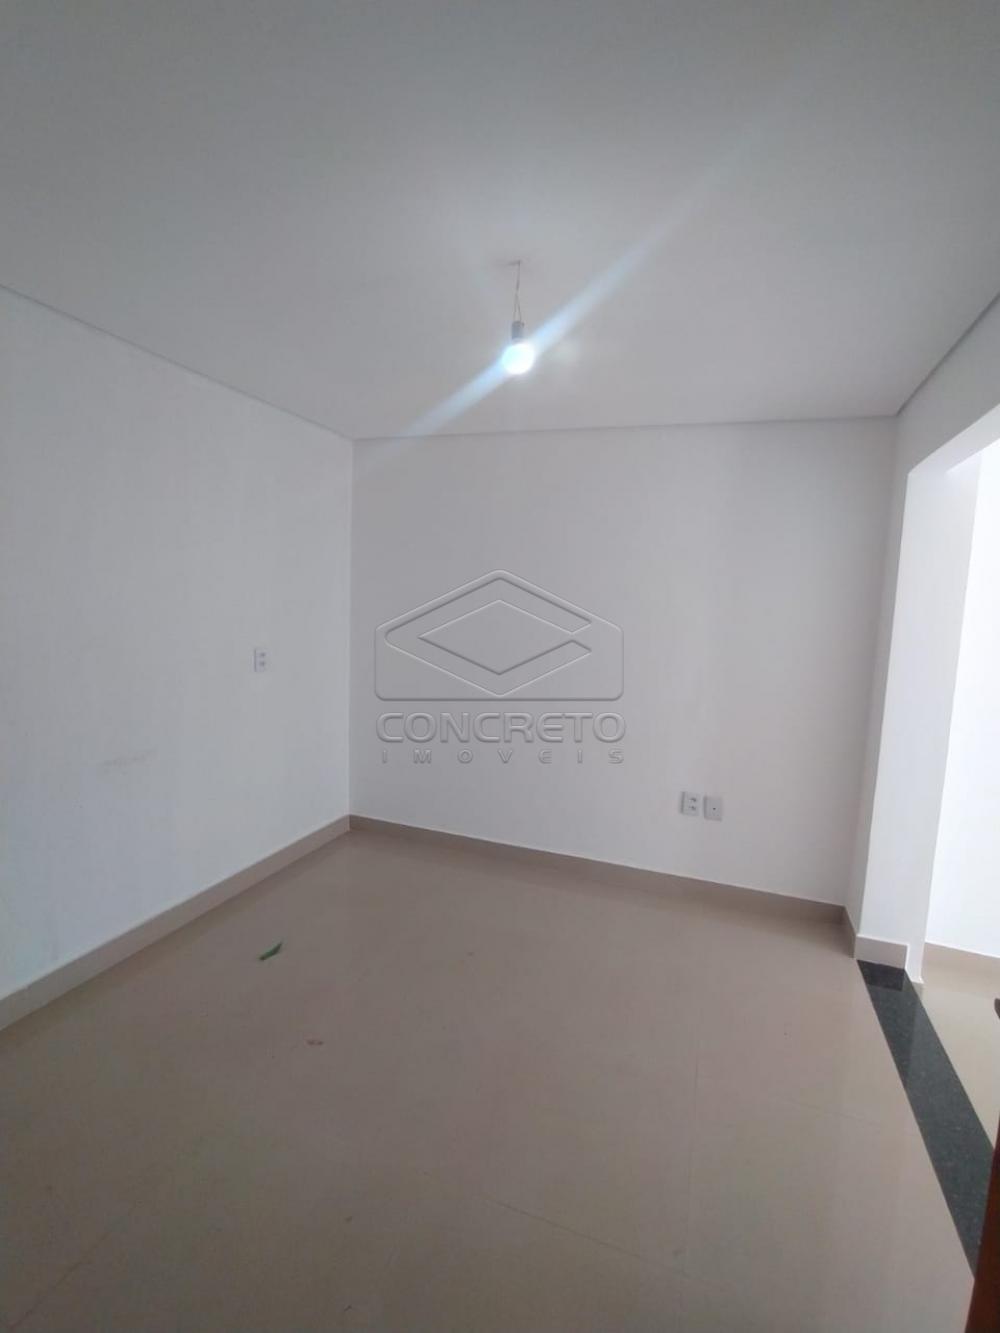 Alugar Comercial / Salão em Bauru R$ 650,00 - Foto 6